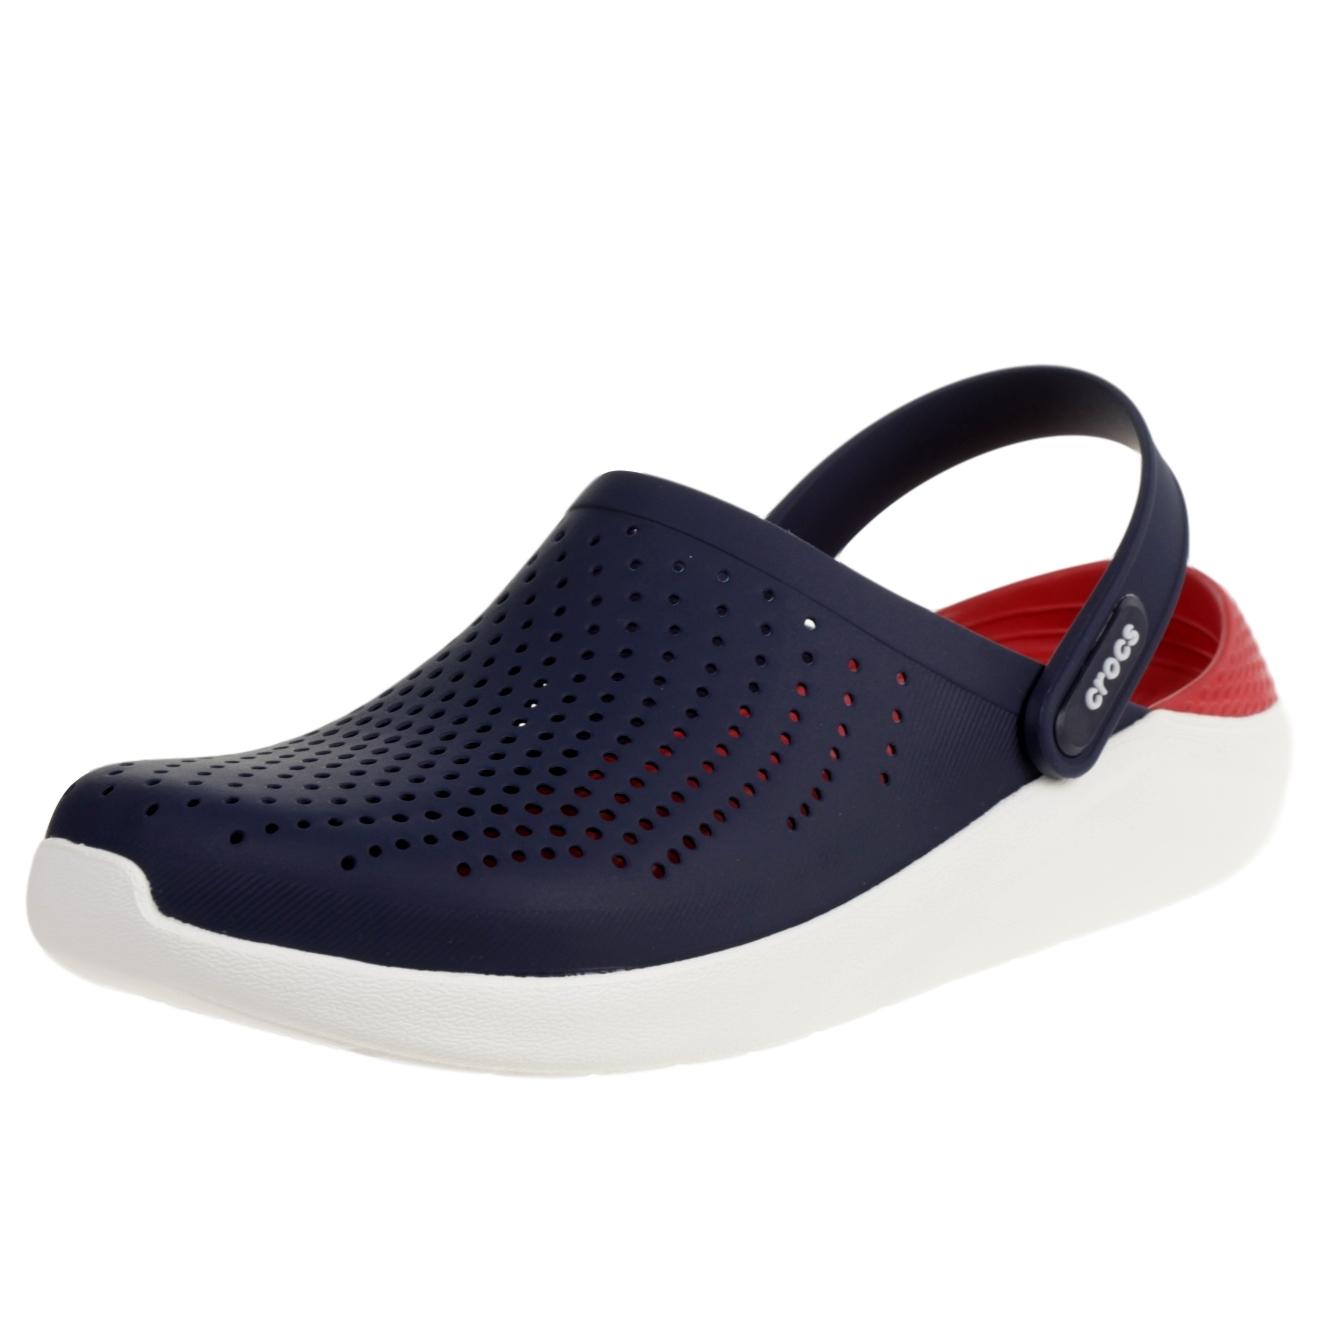 Crocs Damen-Herren-Sport-Freizeit-Clog LiteRide™ Clog schwarz weiss 204592 05M